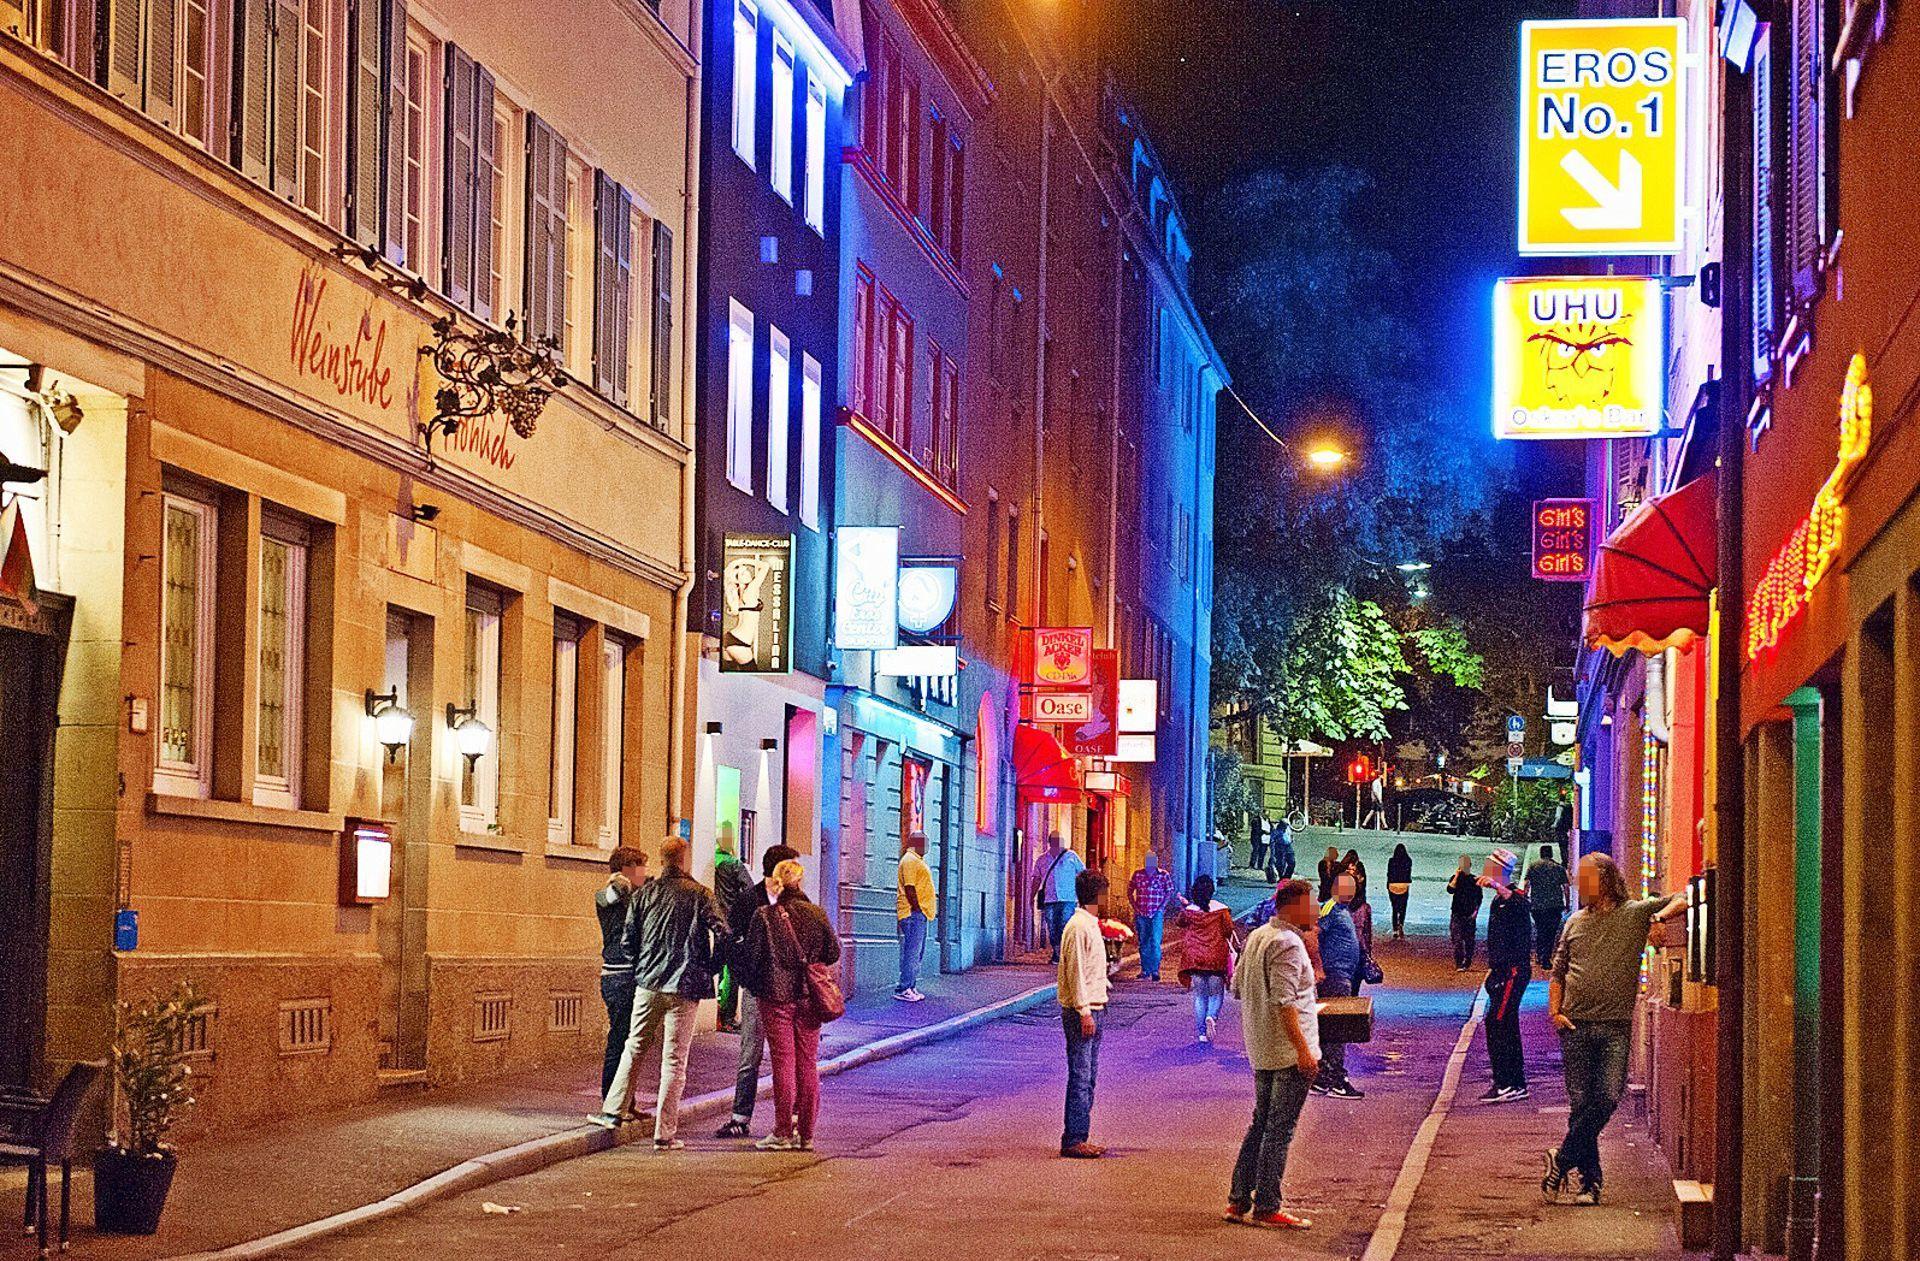 Rotlicht in Stuttgart: Hilfe beim Weg aus der